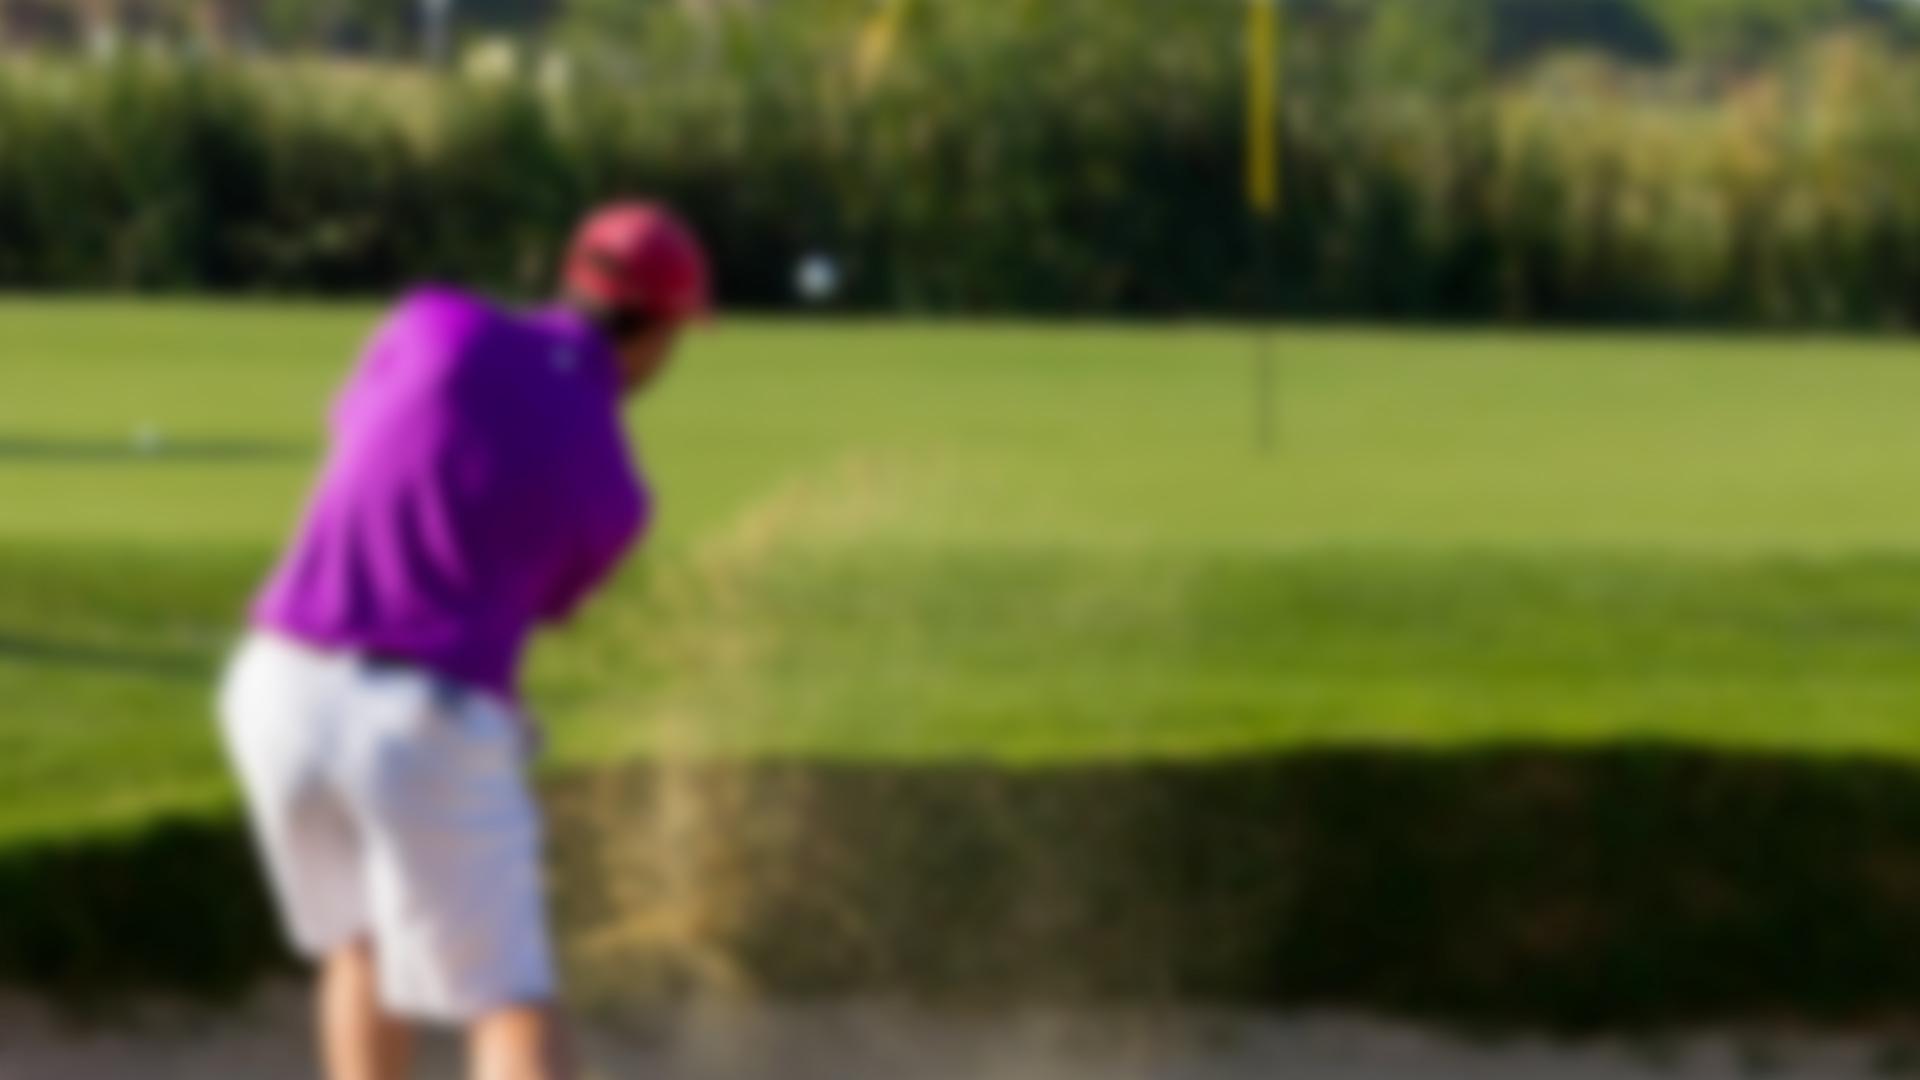 Cursos de golf personalizados a gusto del jugador